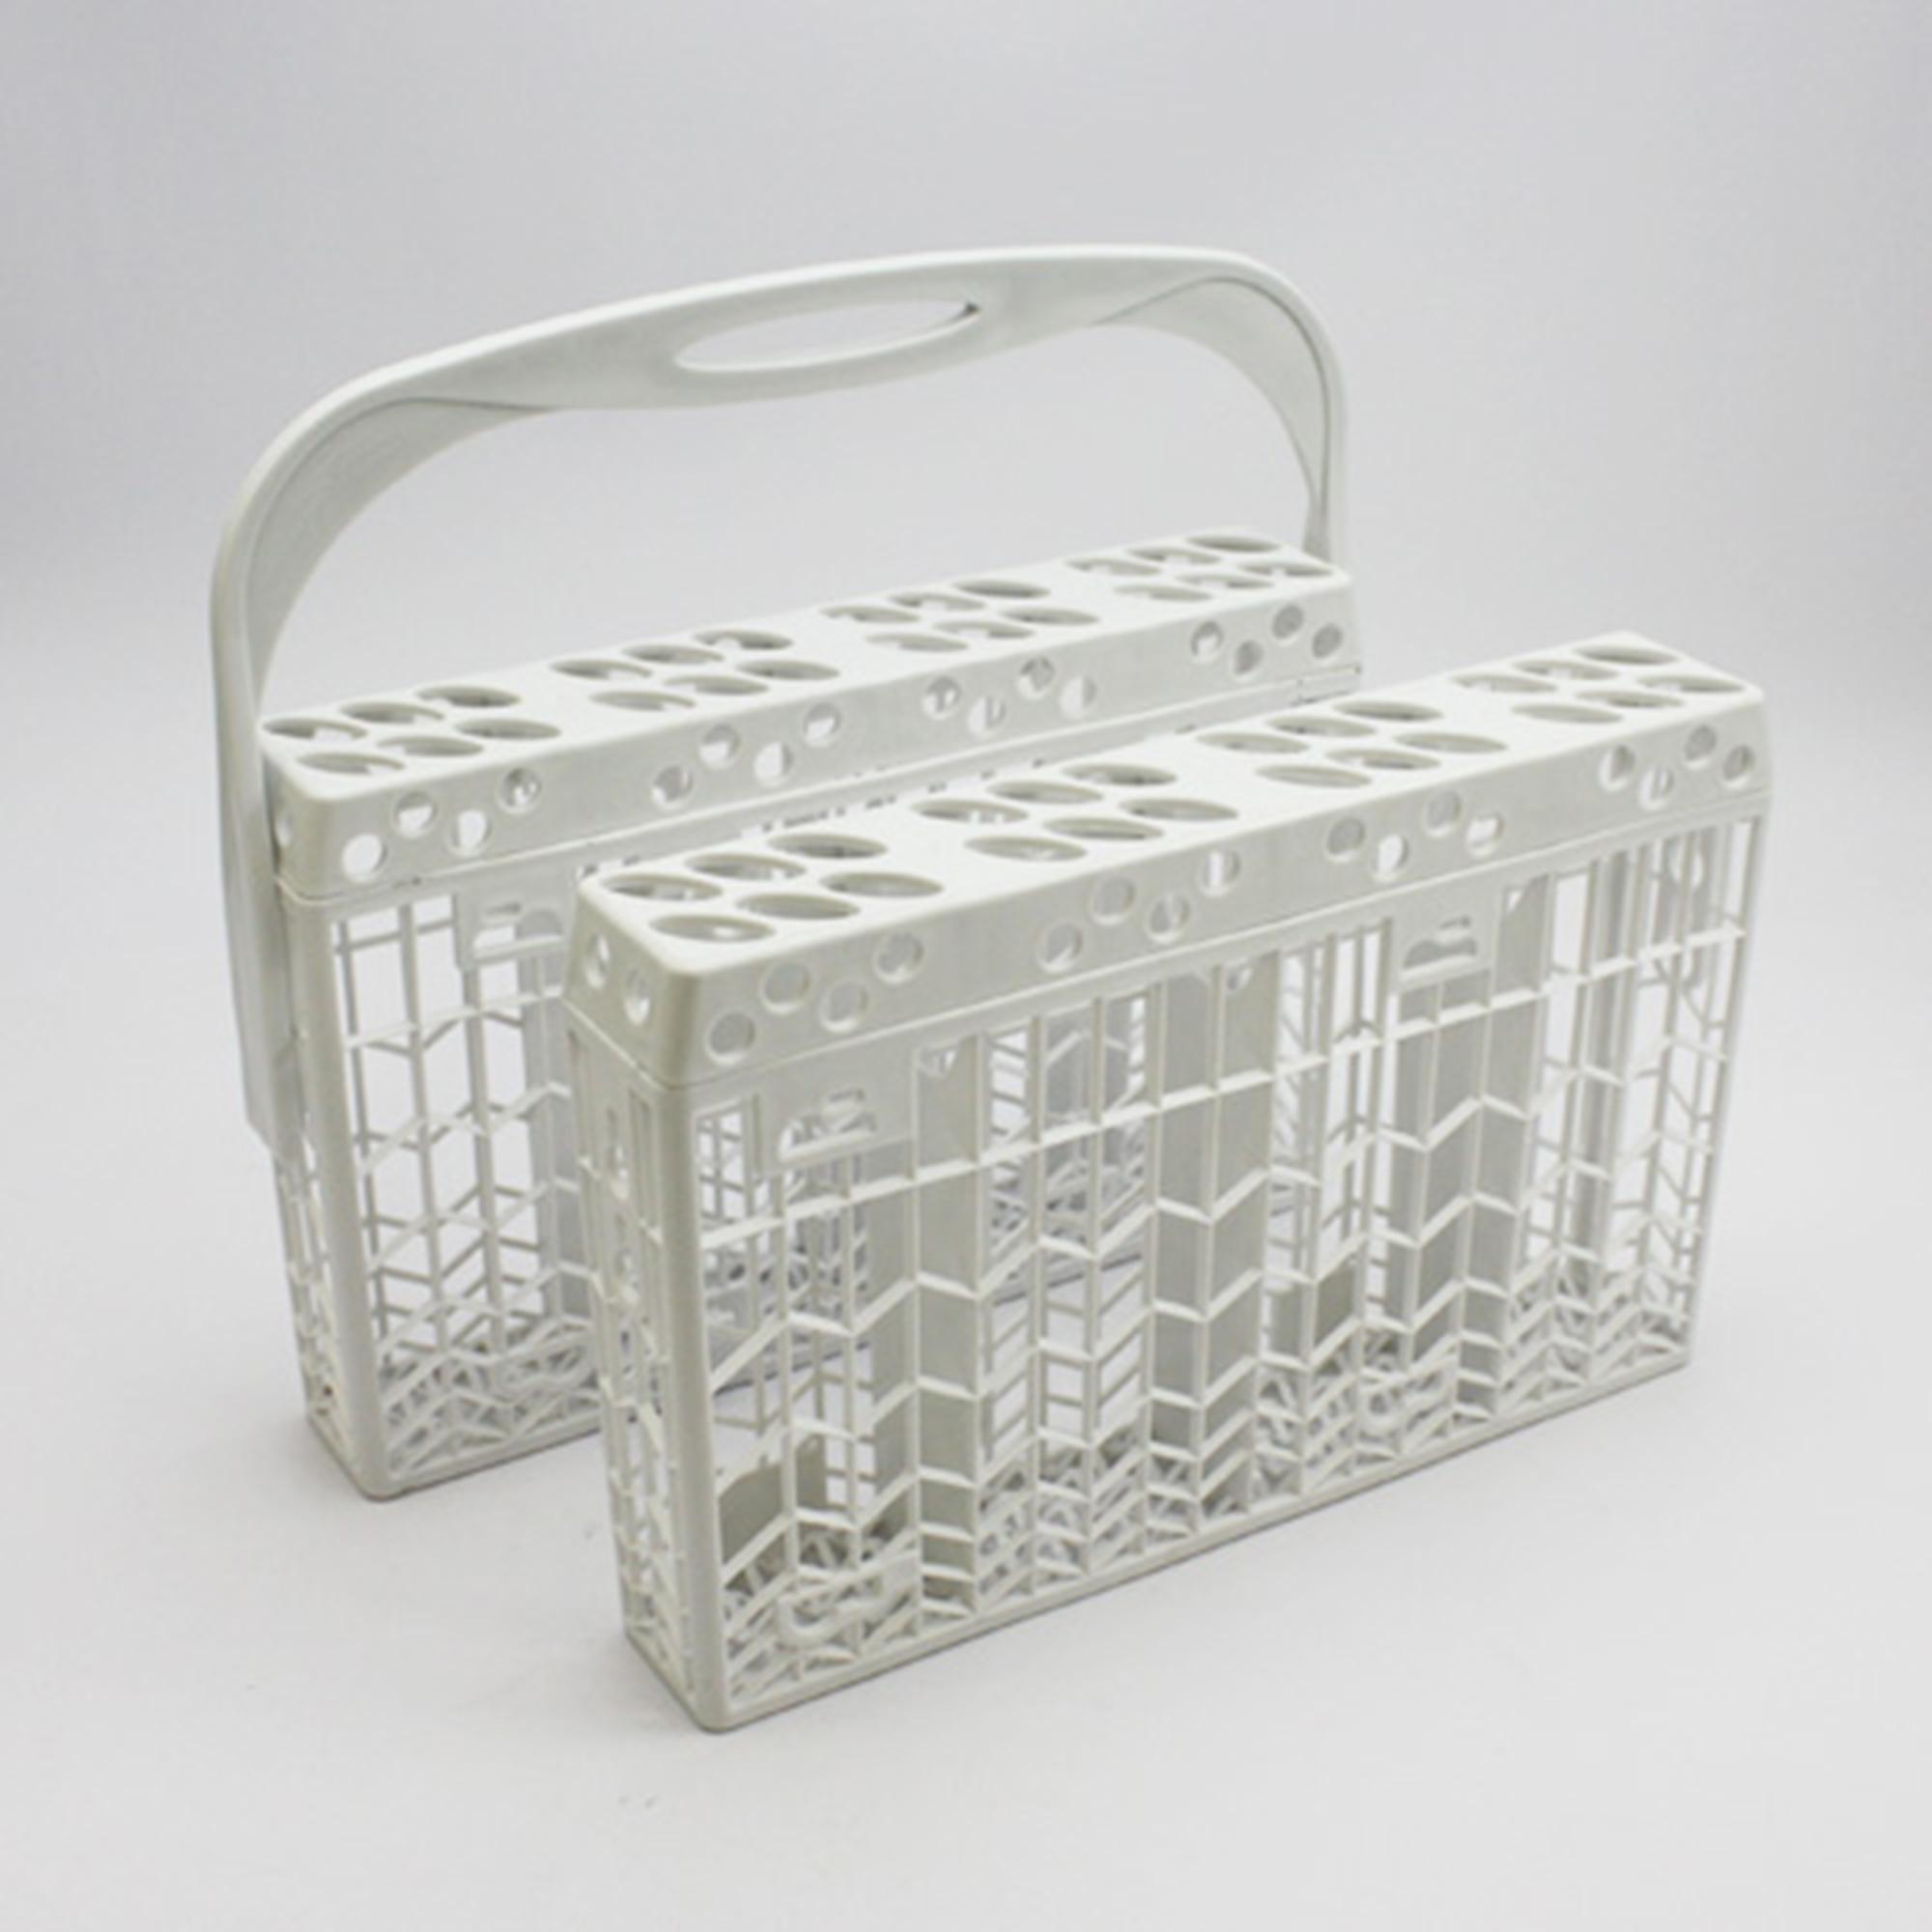 wd28x10152 dishwasher silverware basket ebay. Black Bedroom Furniture Sets. Home Design Ideas